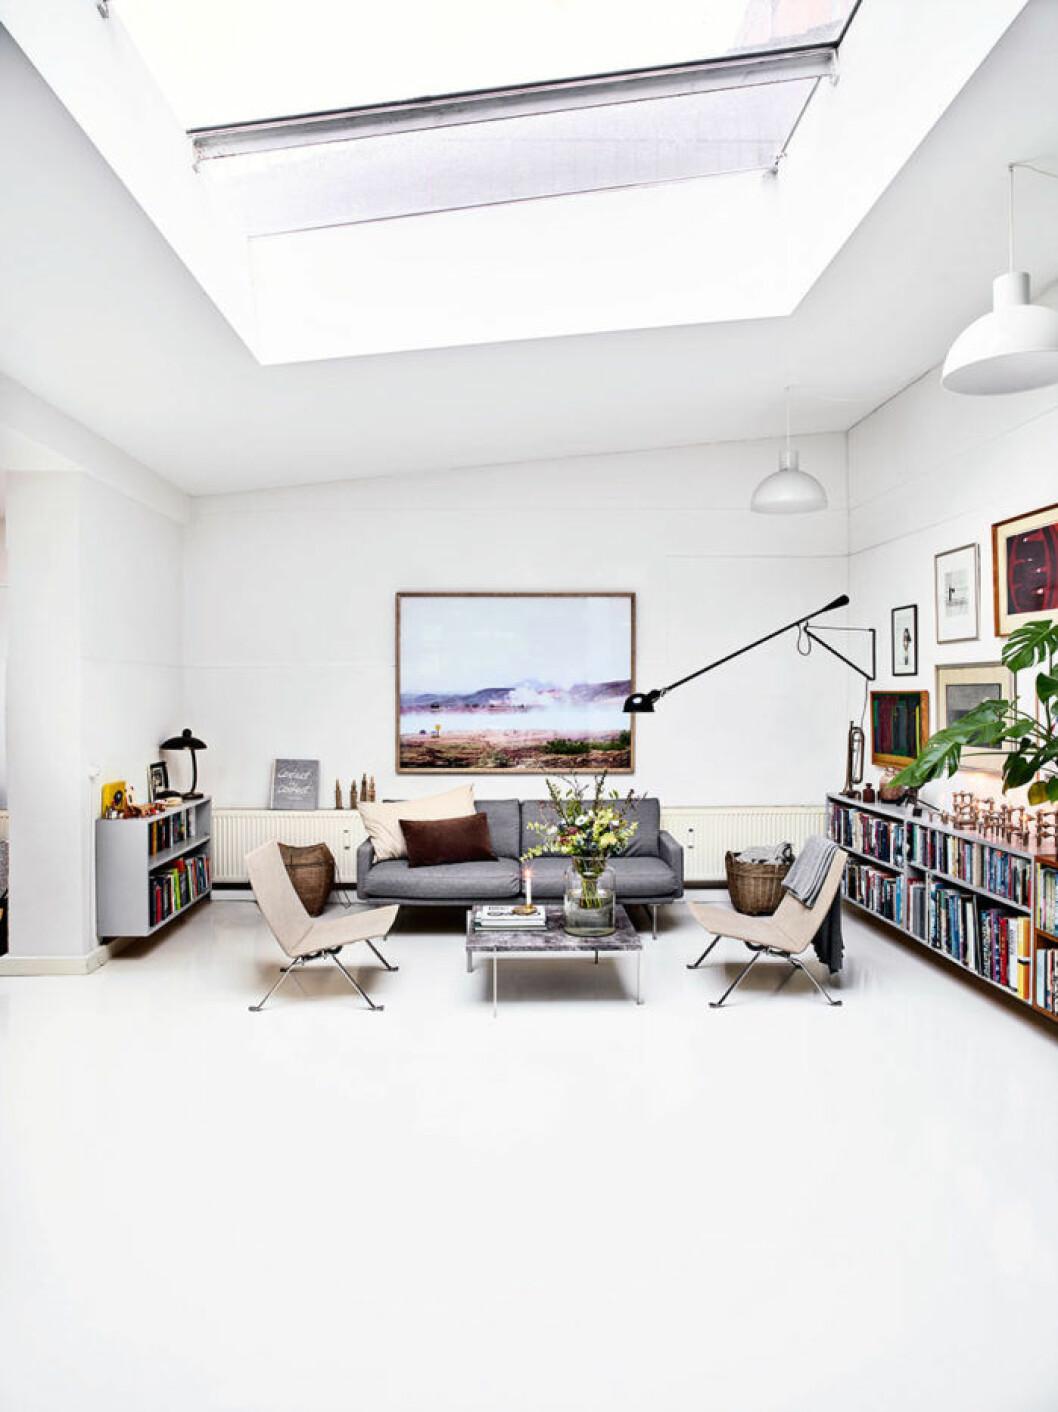 De stora takfönstren ger allrummet en nästan galleriaktig prägel. Ovan den grå Piero Lissoni-soffan hänger ett stort fotografi av Anders som togs under en semester på Island. Vägglampan 265, i design Paolo Rizzatto är med sitt industriella uttryck ett perfekt val till soffgruppen med PK22-stolar i canvas och PK61 soffbord i marmor, från Fritz Hansen.